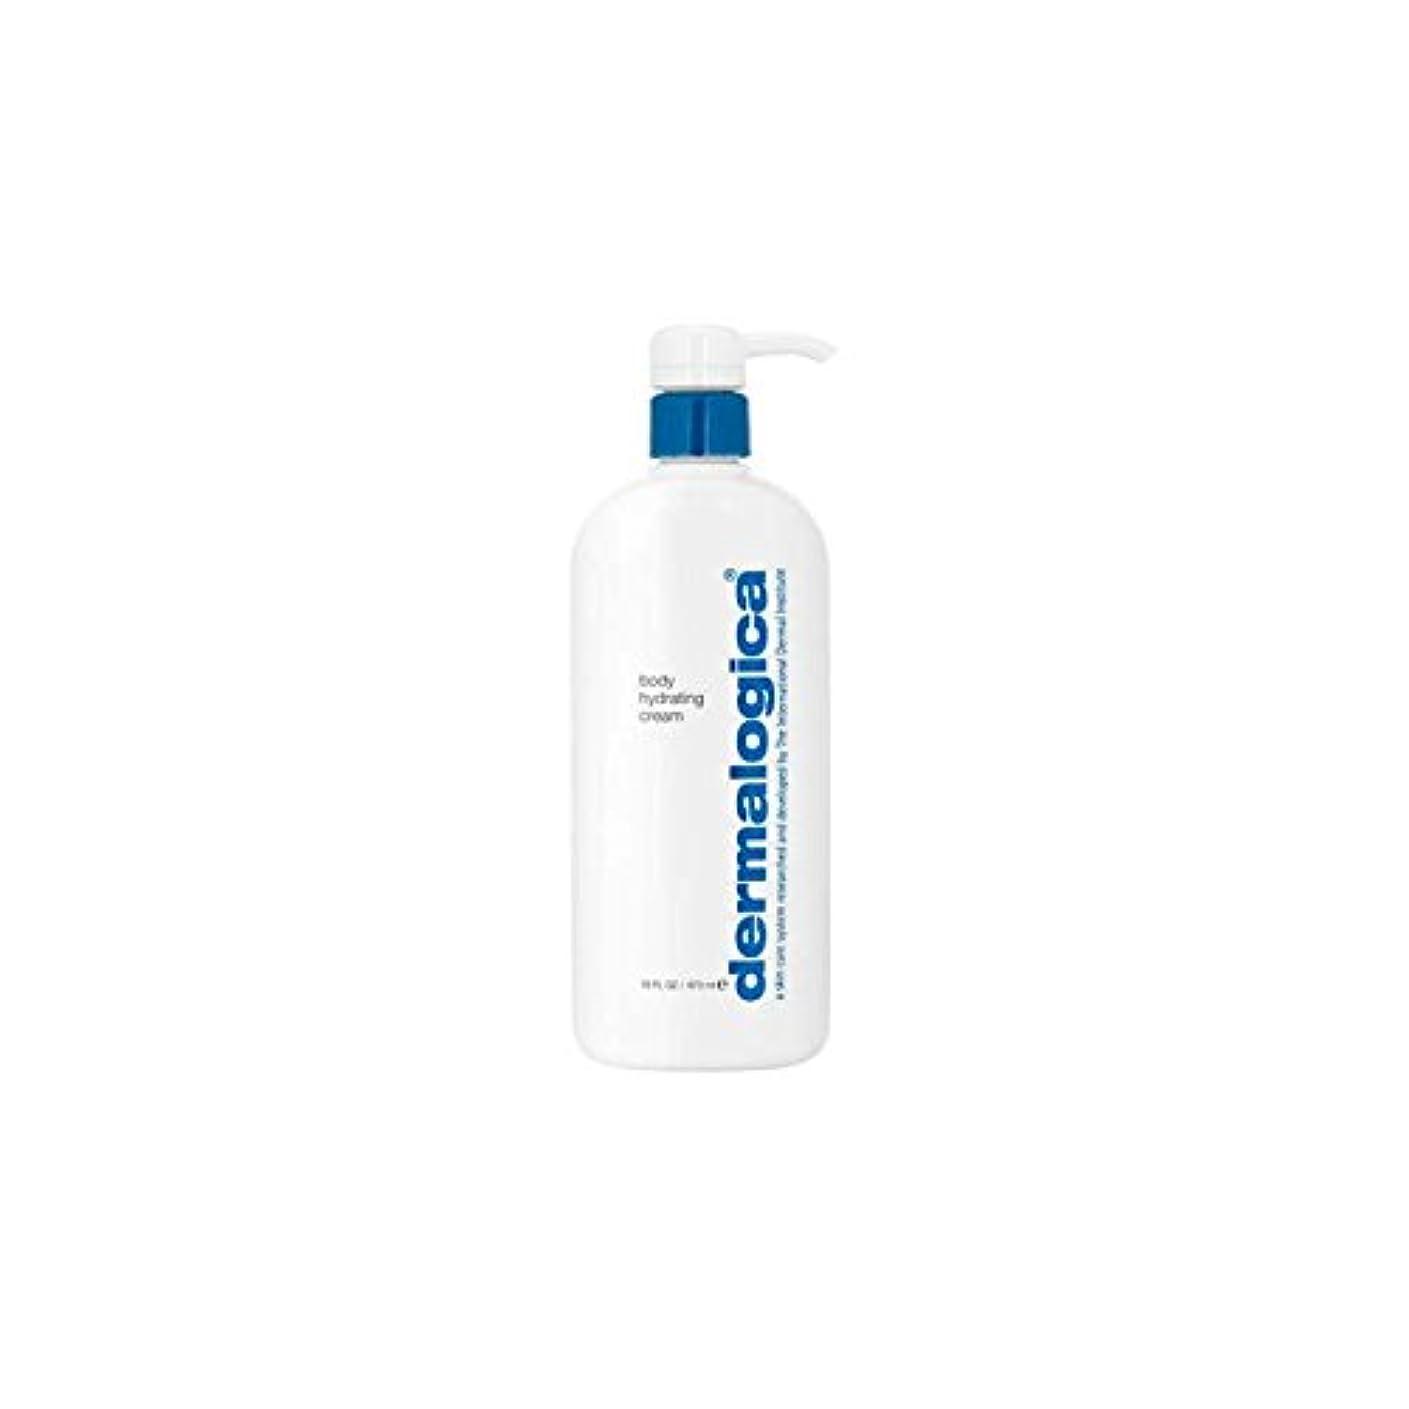 着る平らなかわす[Dermalogica ] ダーマロジカボディハイドレイティングクリーム(473ミリリットル) - Dermalogica Body Hydrating Cream (473ml) [並行輸入品]